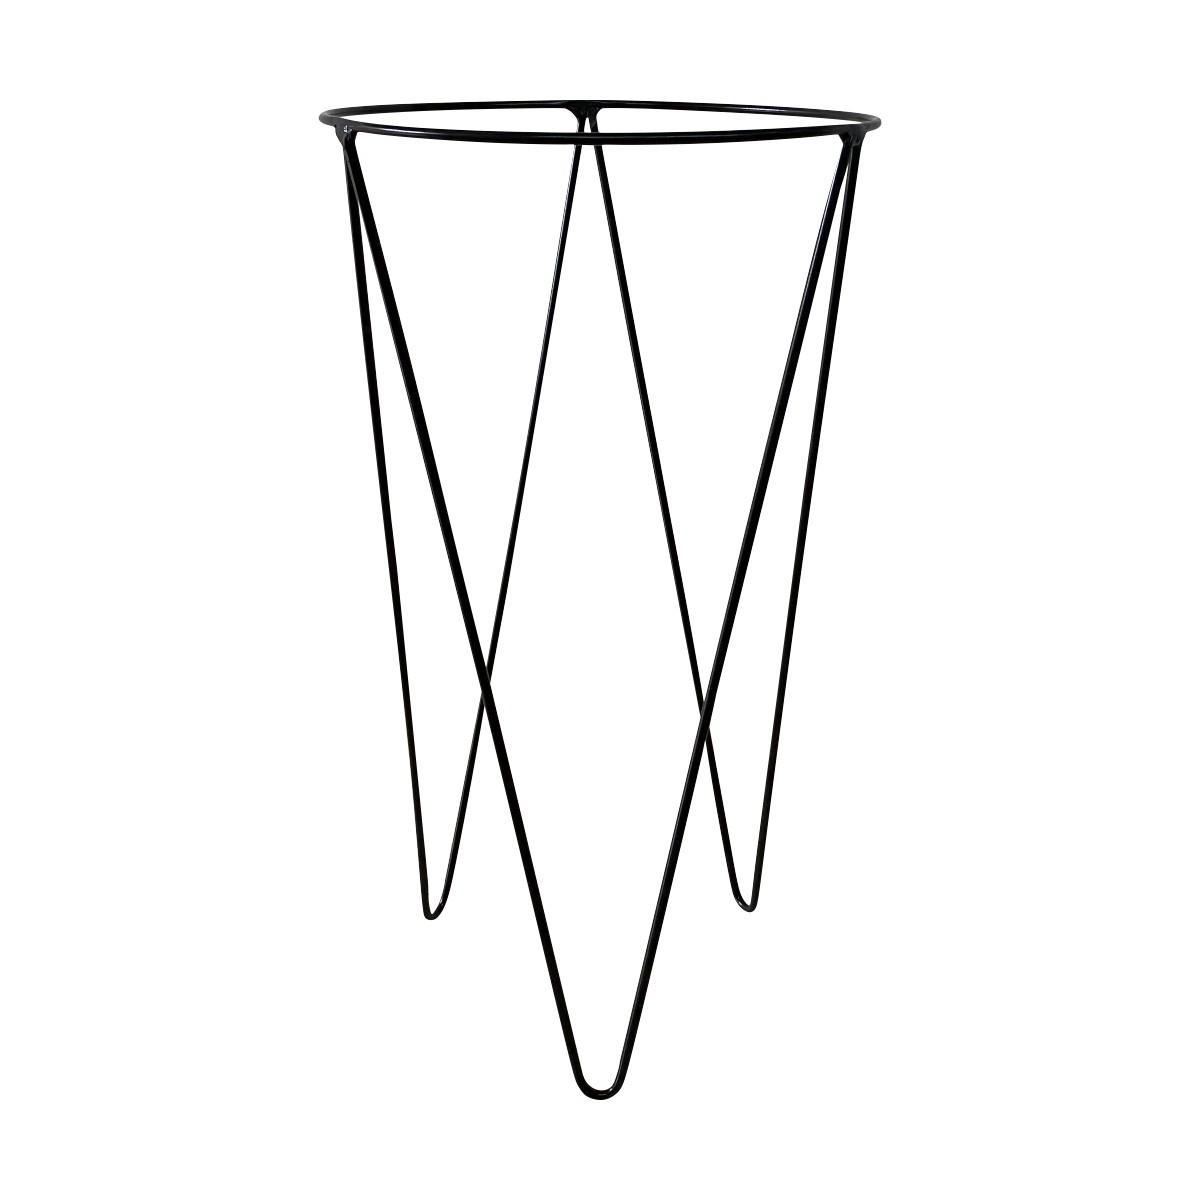 Suporte de Ferro Preto para Vaso Novel Pequeno 55,5cm - 5752